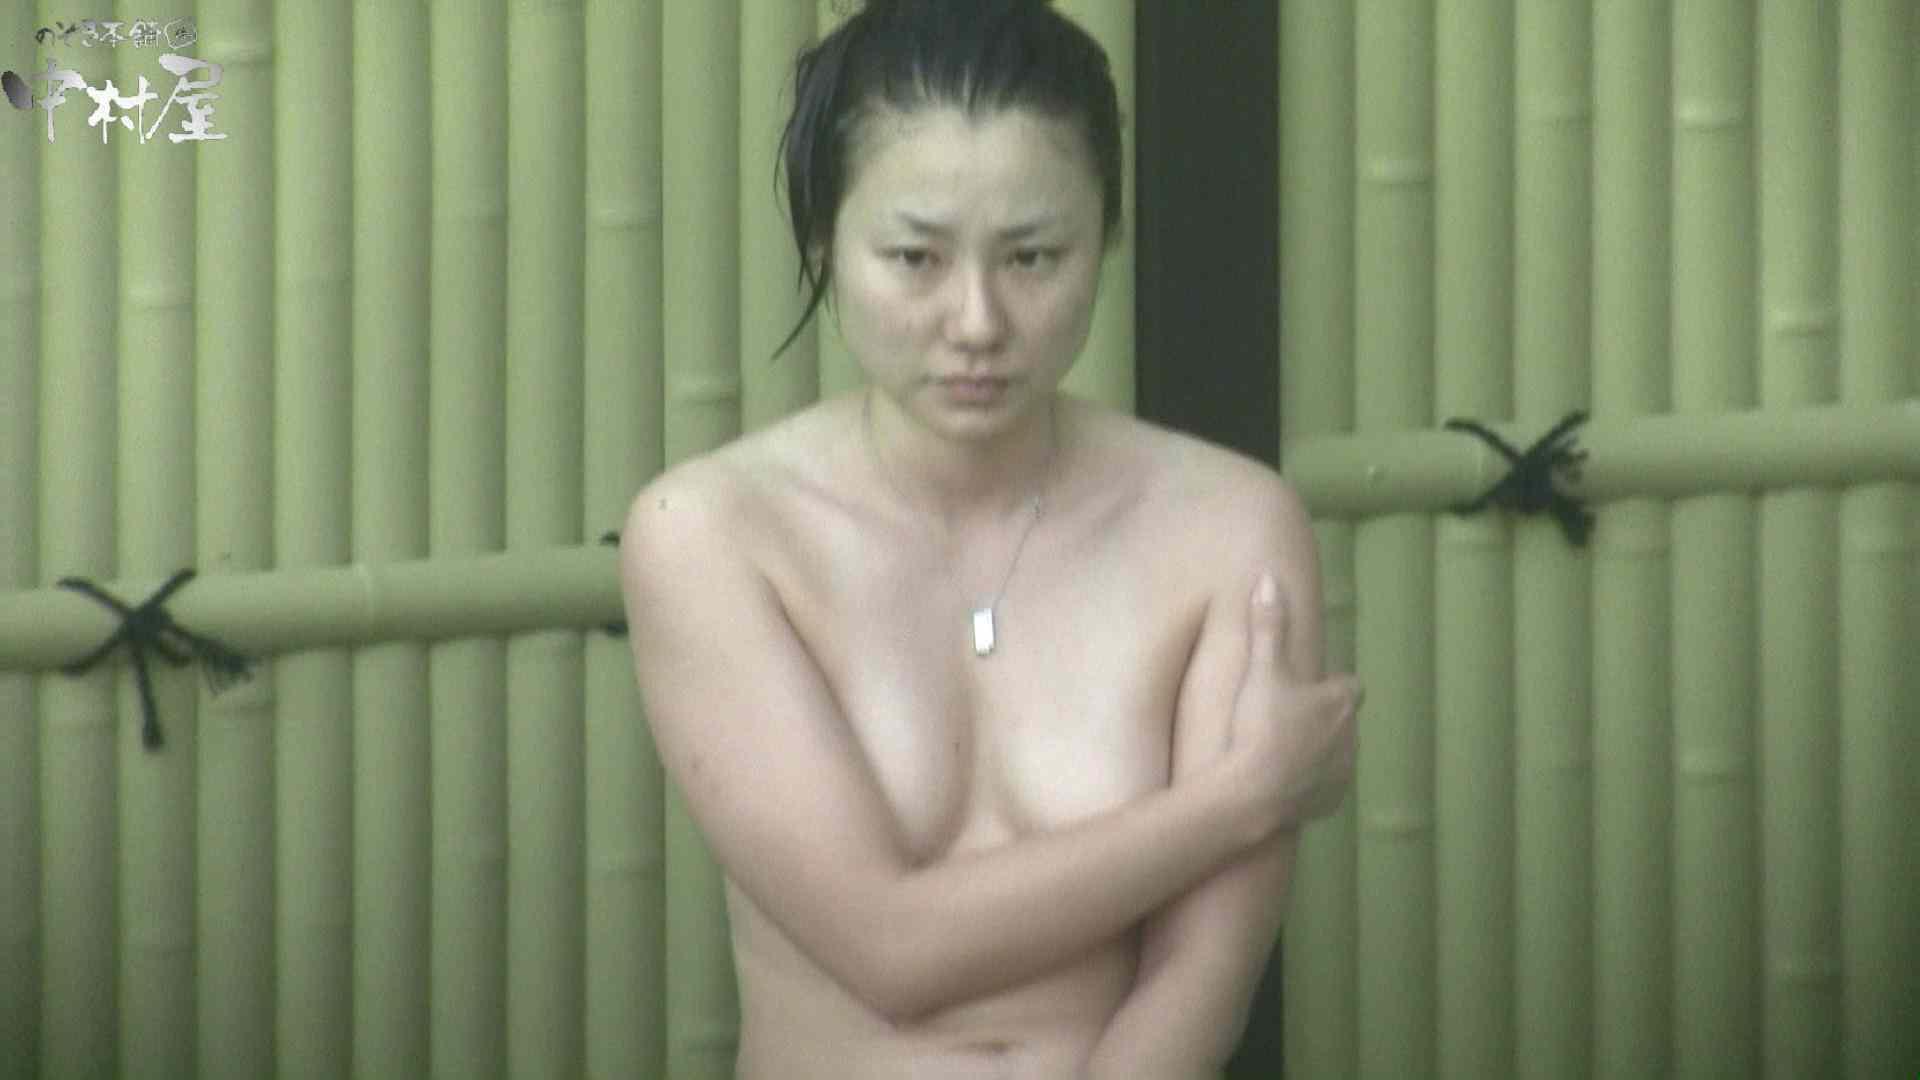 Aquaな露天風呂Vol.969 女体盗撮  40連発 12